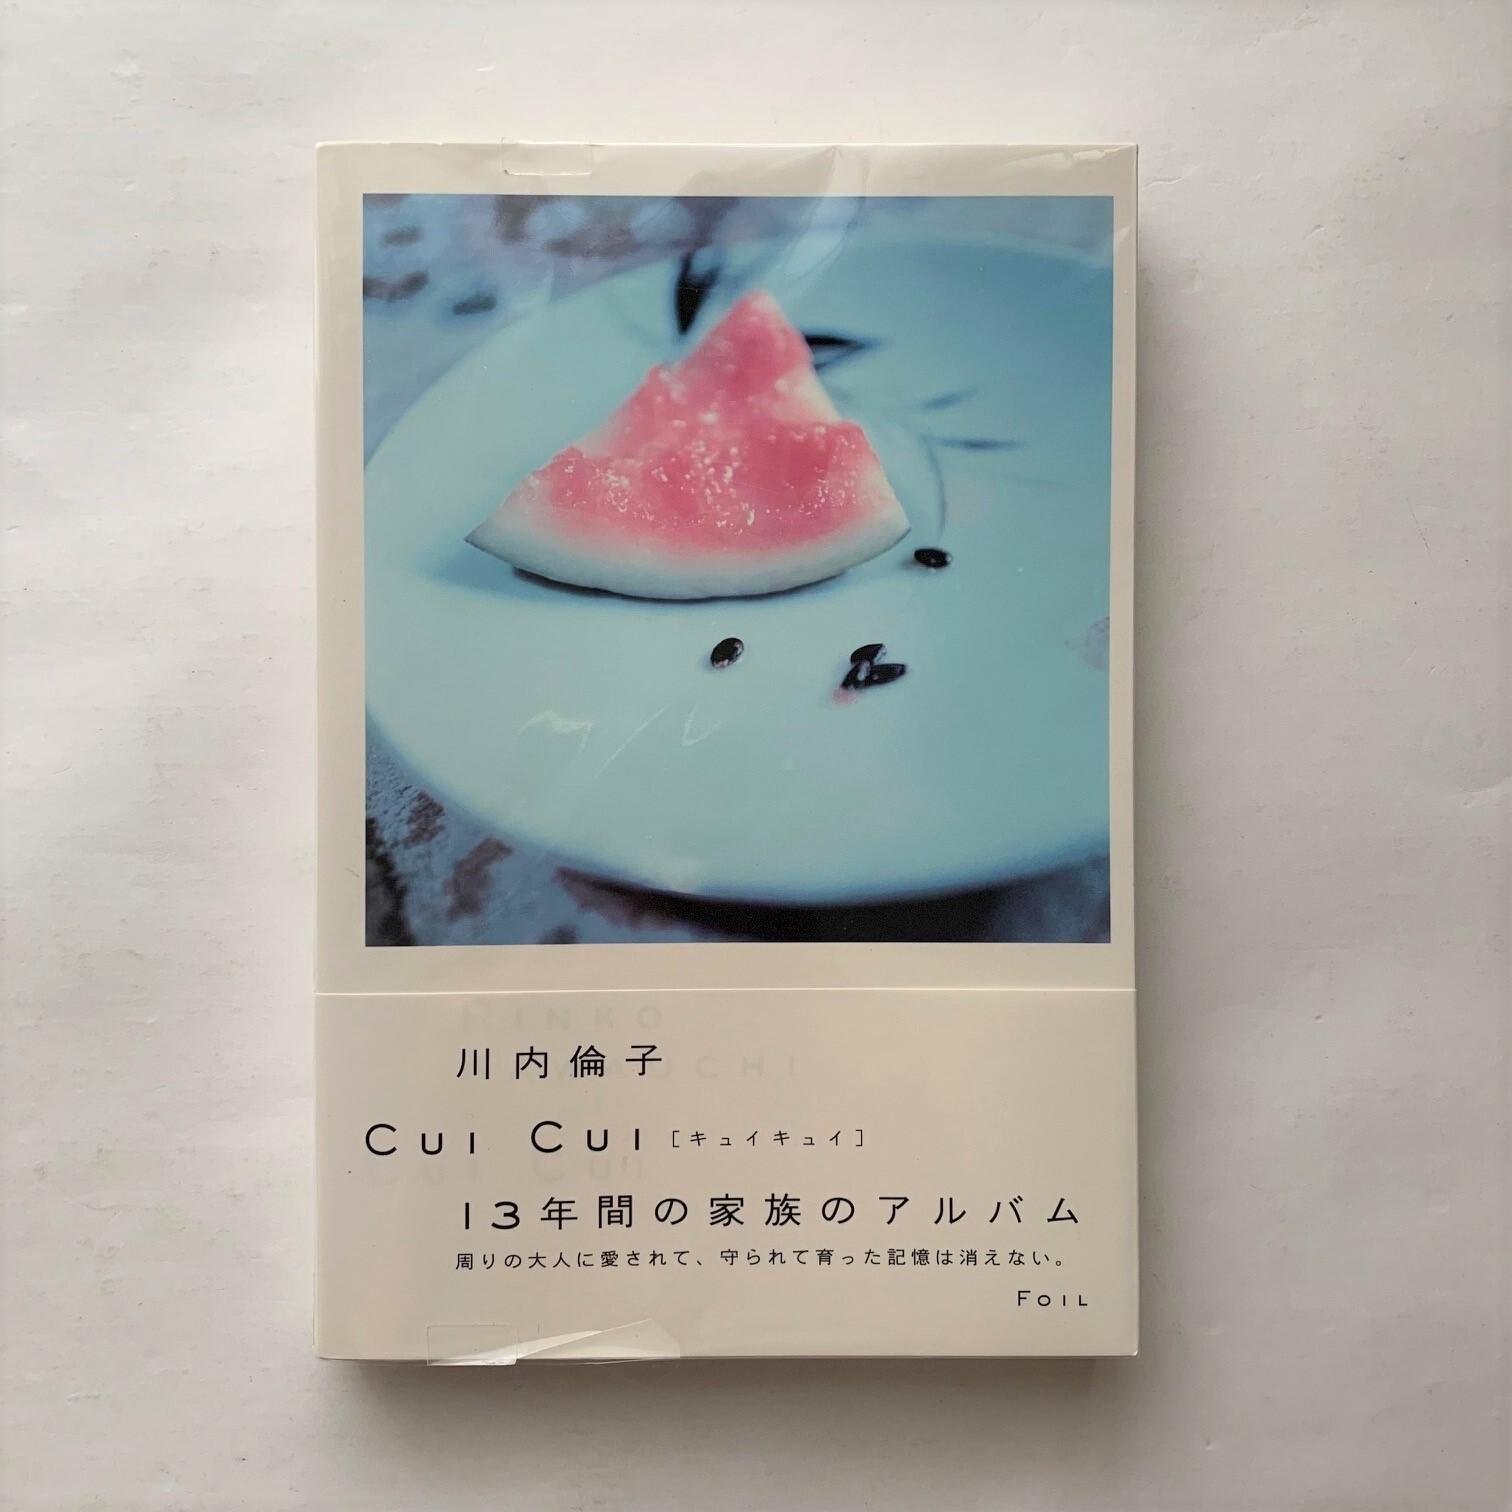 川内倫子 Cui Cui(キュイキュイ) / 川内 倫子